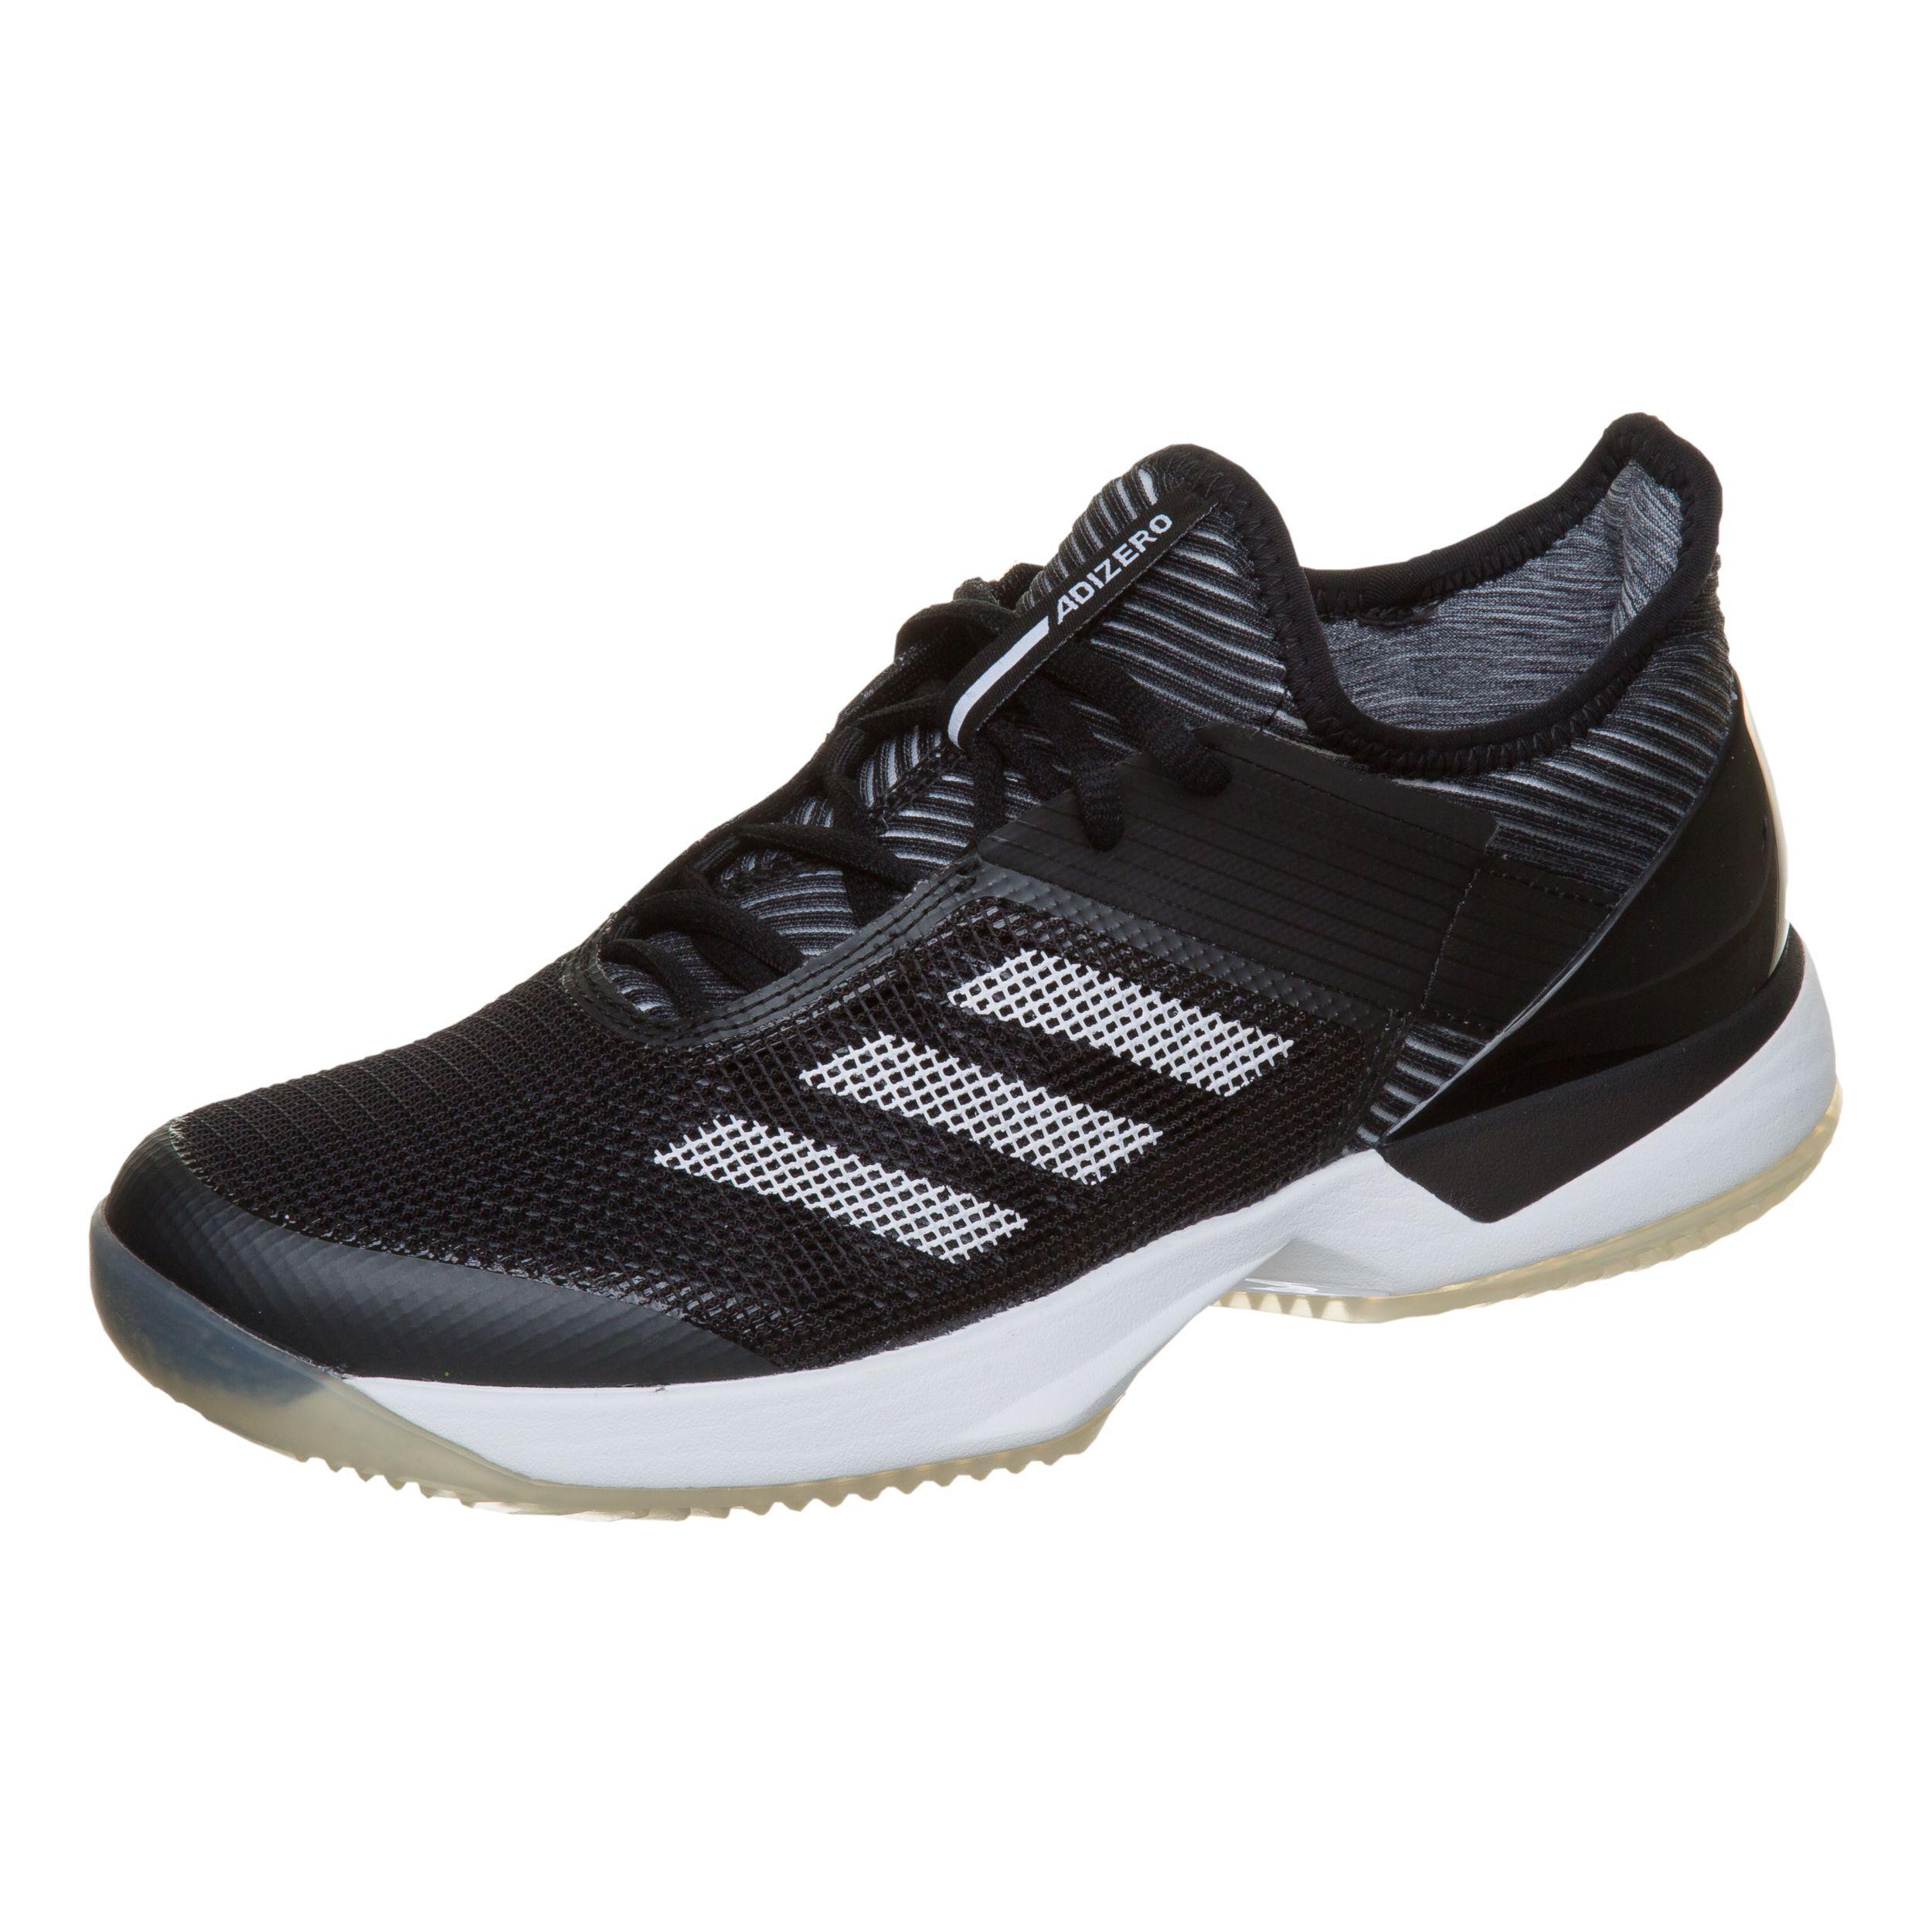 adidas Adizero Ubersonic 3 Clay Sandplatzschuh Damen